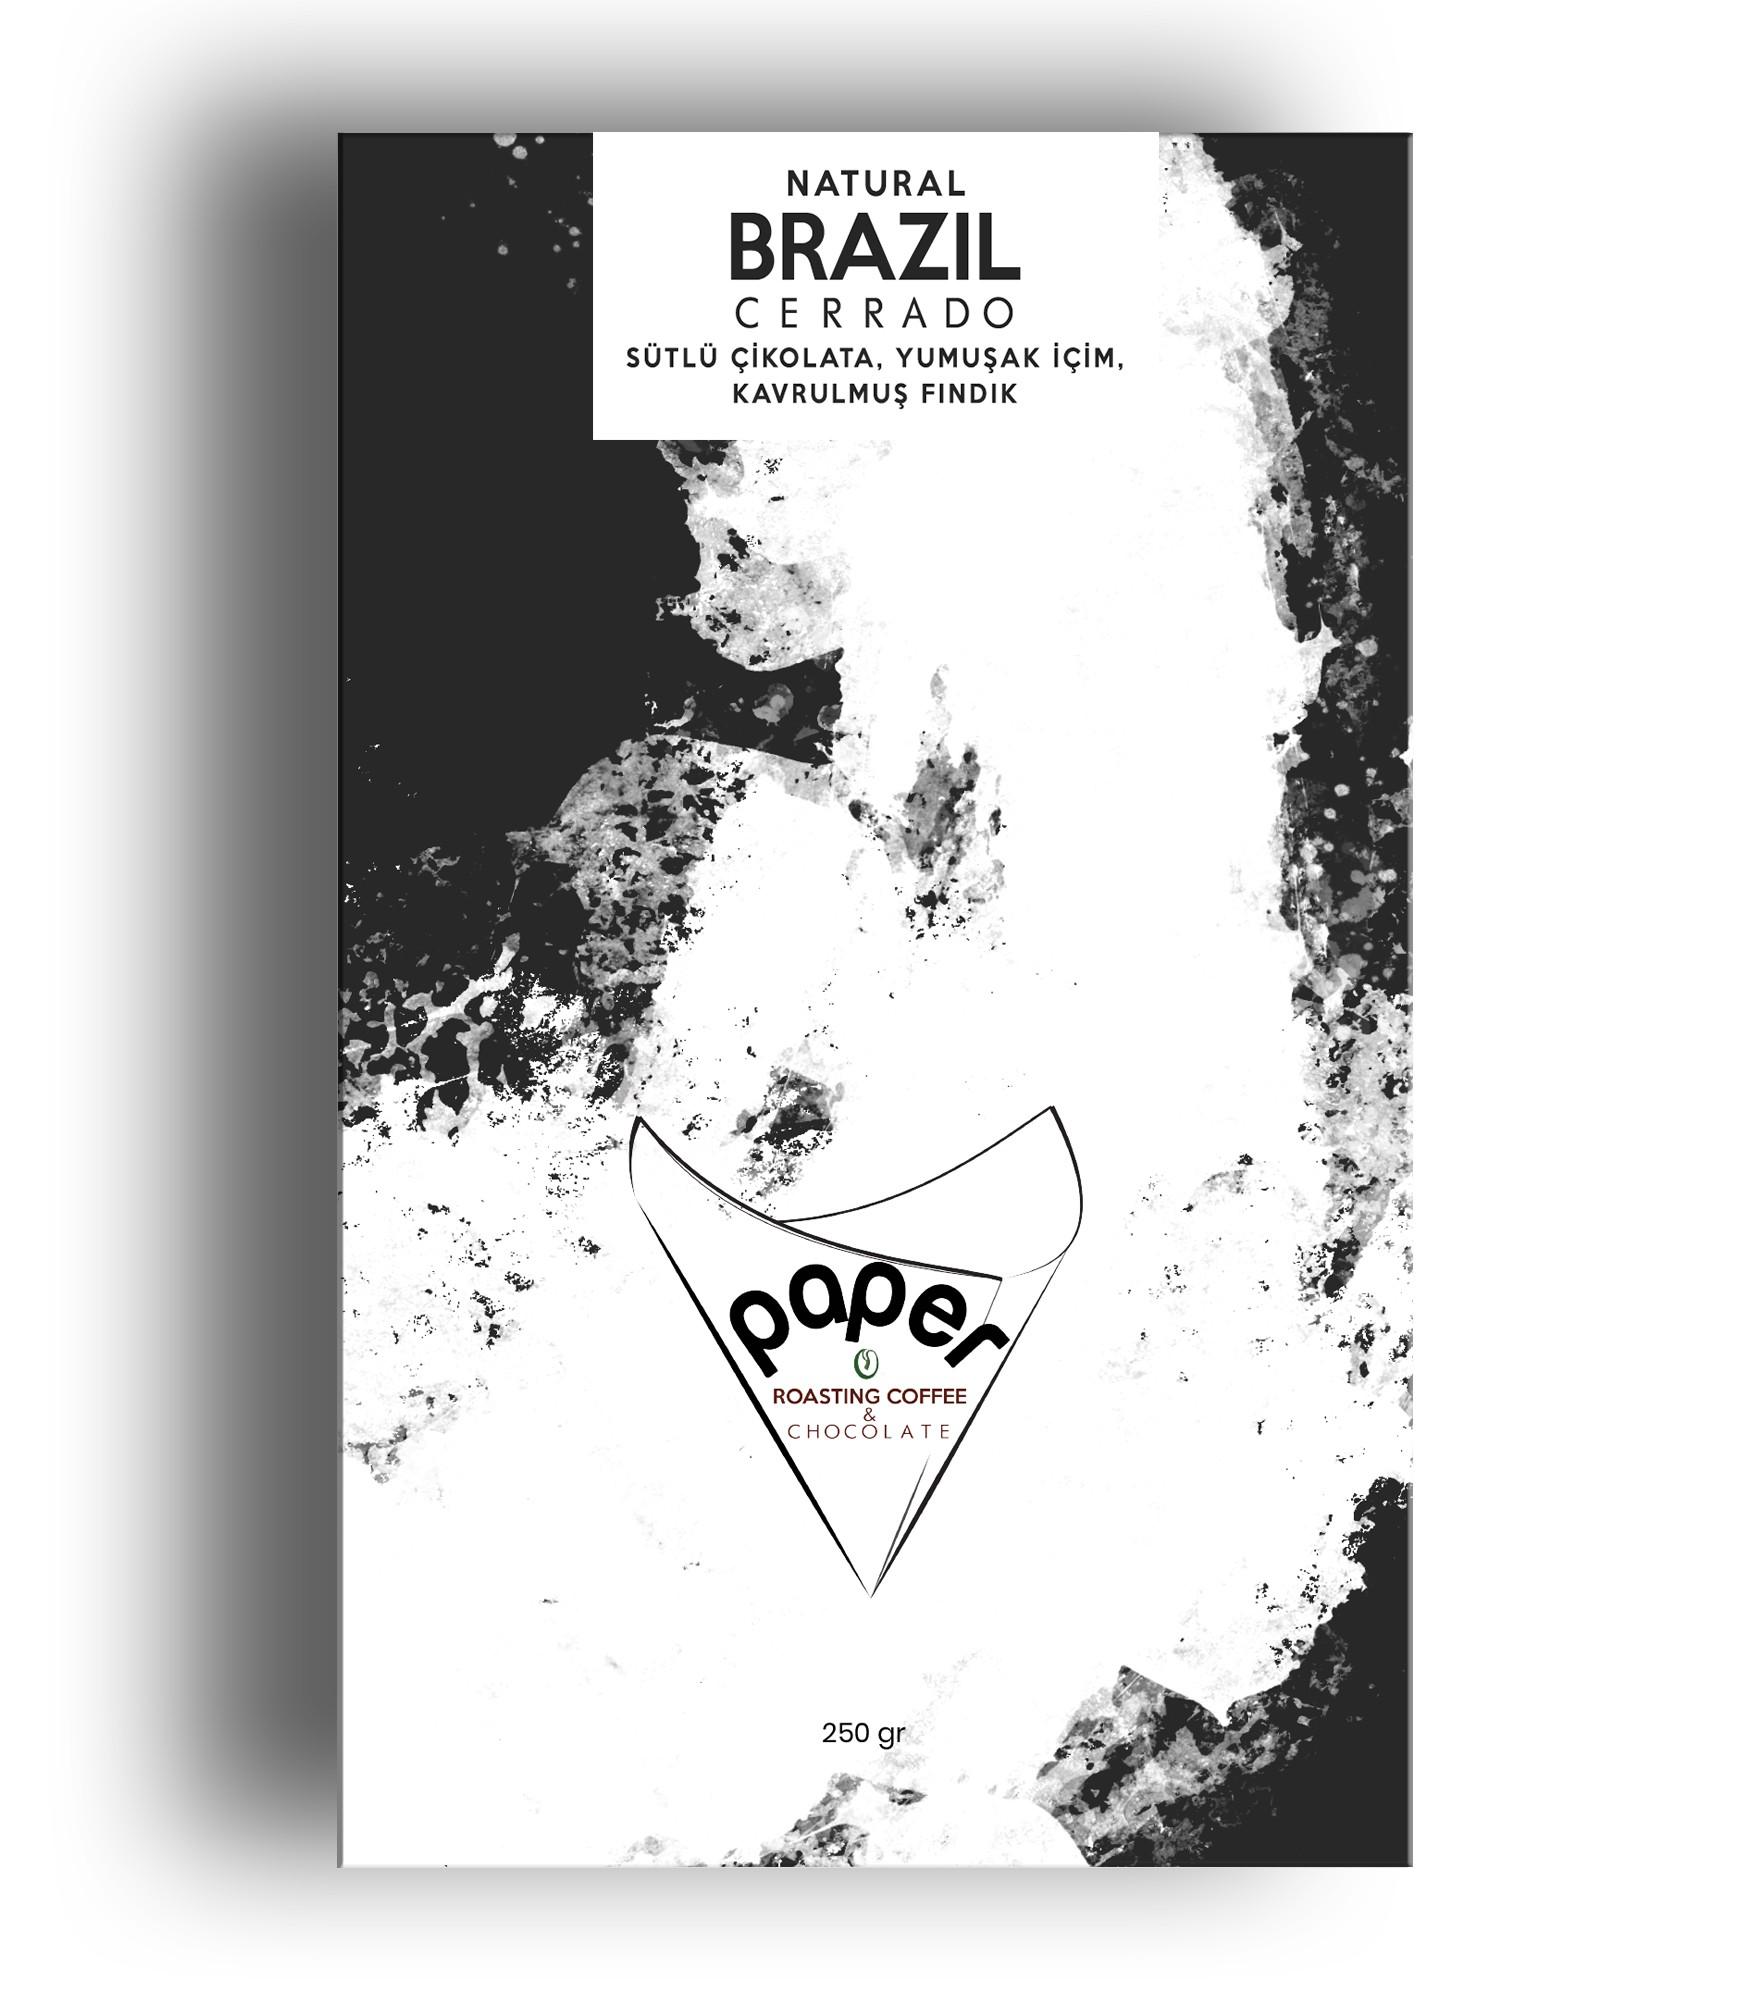 Brazil Cerrado Natural